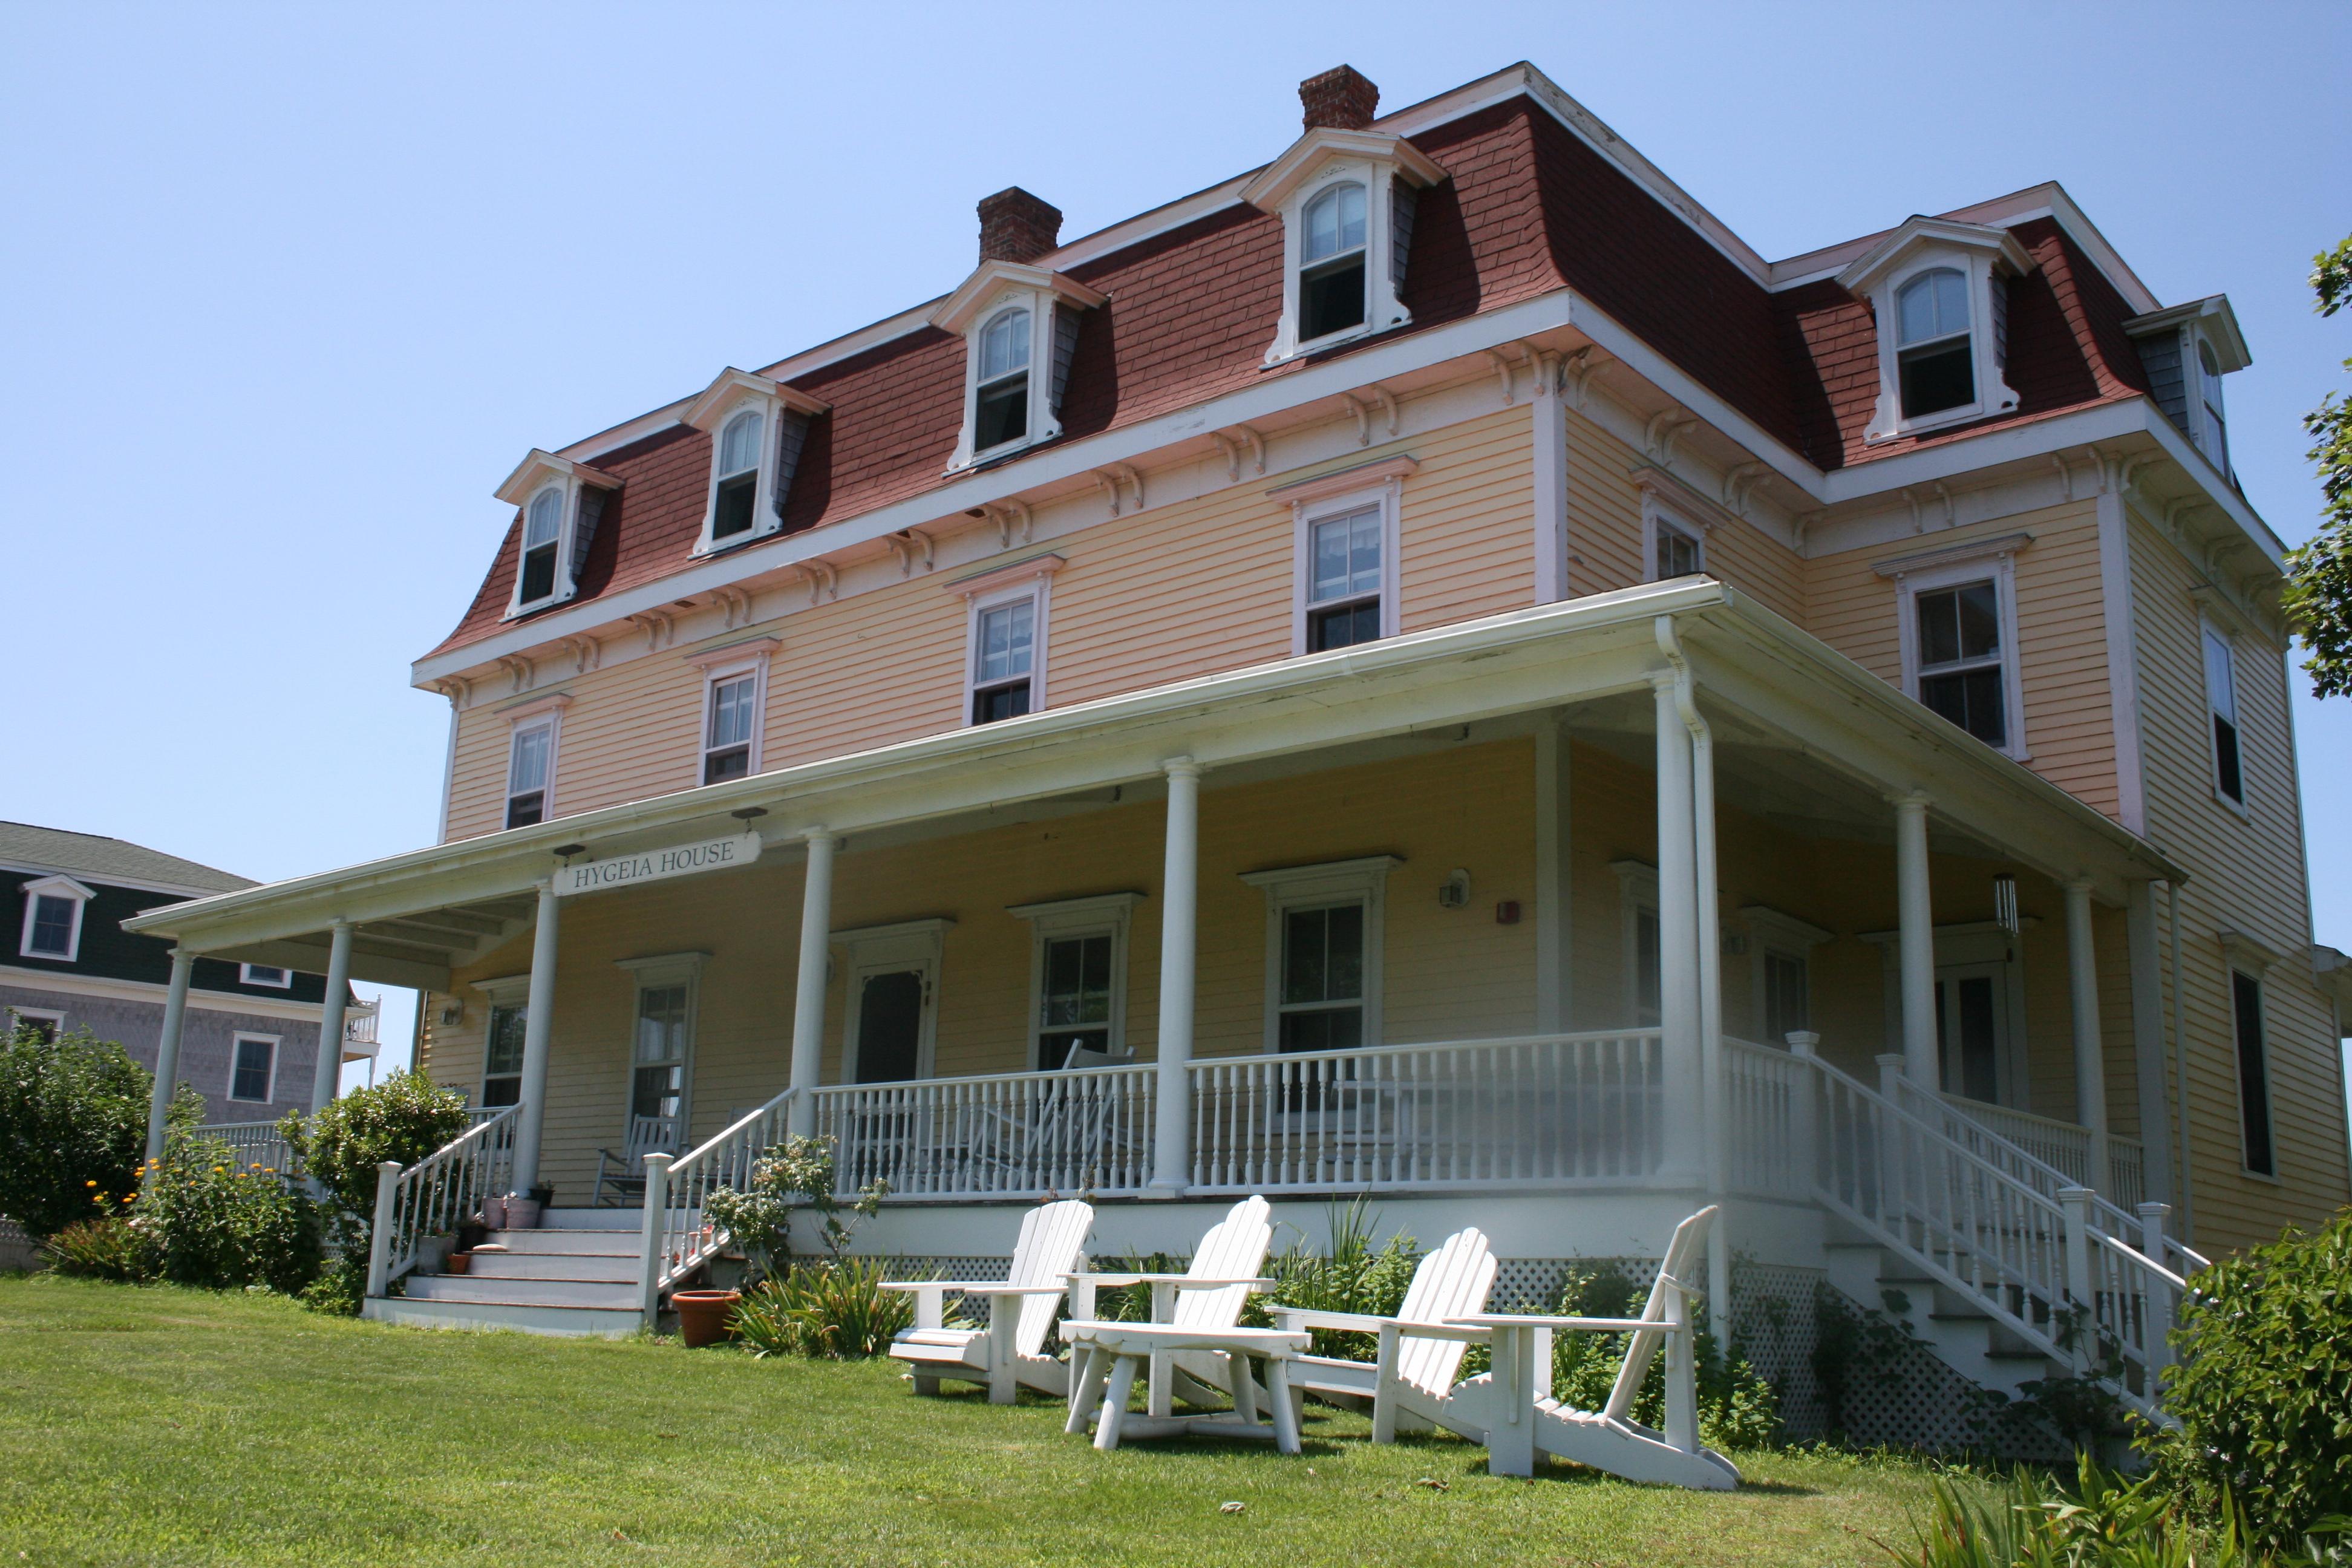 Hygeia House